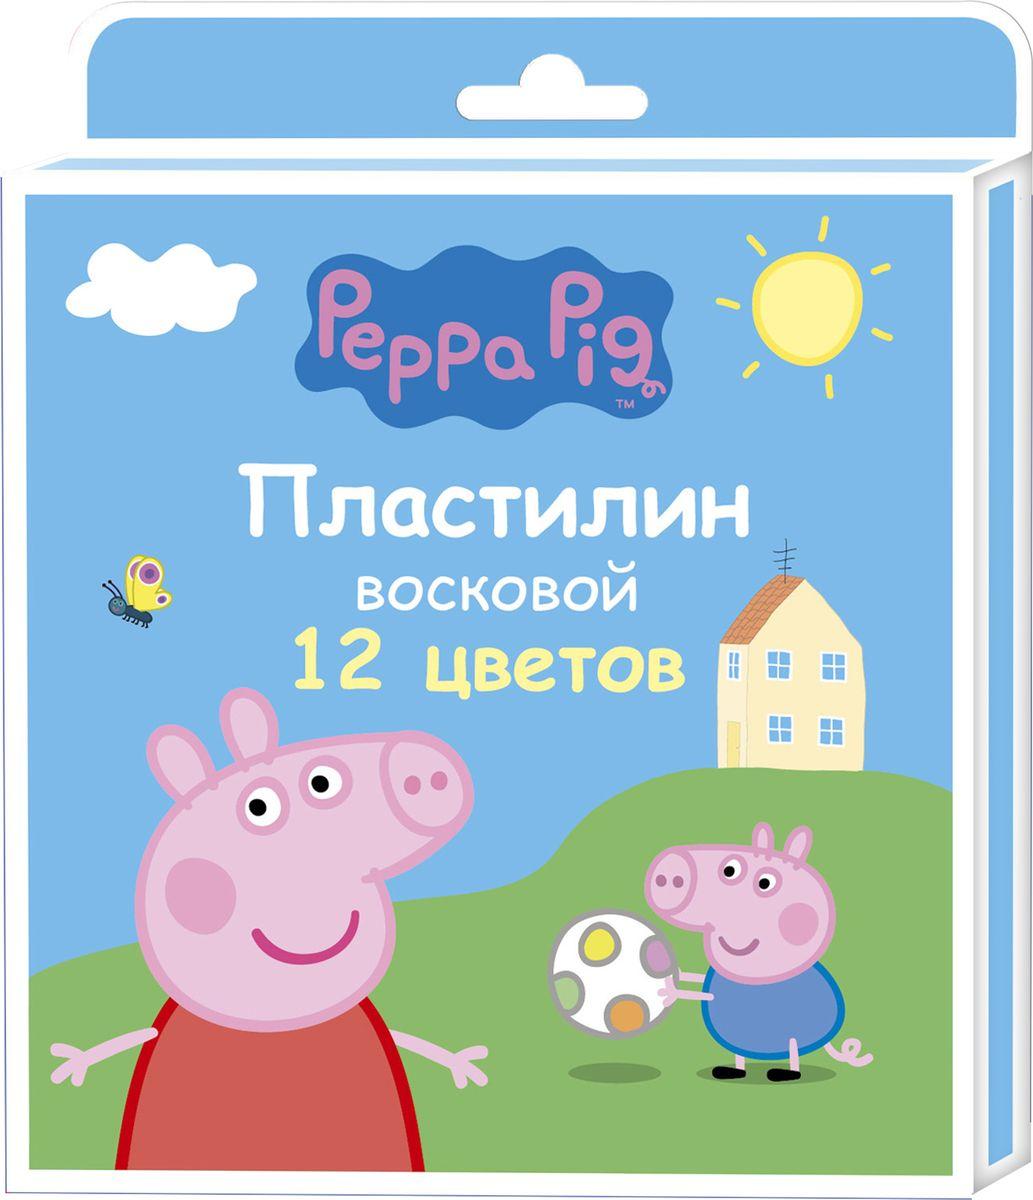 Peppa Pig Пластилин восковой Свинка Пеппа 12 цветов15293Яркий восковый пластилин Свинка Пеппа поможет вашему малышу создавать не только прекрасные поделки, но и рисунки. Изготовленный наоснове природного воска и натуральных наполнителей, он обладает особой мягкостью и пластичностью: легко разминается и моделируетсядетскими пальчиками, не пачкается, не прилипает к рукам и рабочей поверхности, не крошится, не высыхает, хорошо держит форму, его цветалегко смешиваются друг с другом. Создавайте новые цвета и оттенки, лепите, рисуйте и экспериментируйте, развивая при этом у ребенка мелкуюмоторику, тактильное восприятие формы, веса и фактуры, воображение и пространственное мышление. А любимые герои будут вдохновлятьюного мастера на новые творческие идеи.В наборе Свинка Пеппа 12 ярких цветов воскового пластилина по 15 г и пластиковая стека. Состав: парафин, петролатум, мел, каолин,красители.